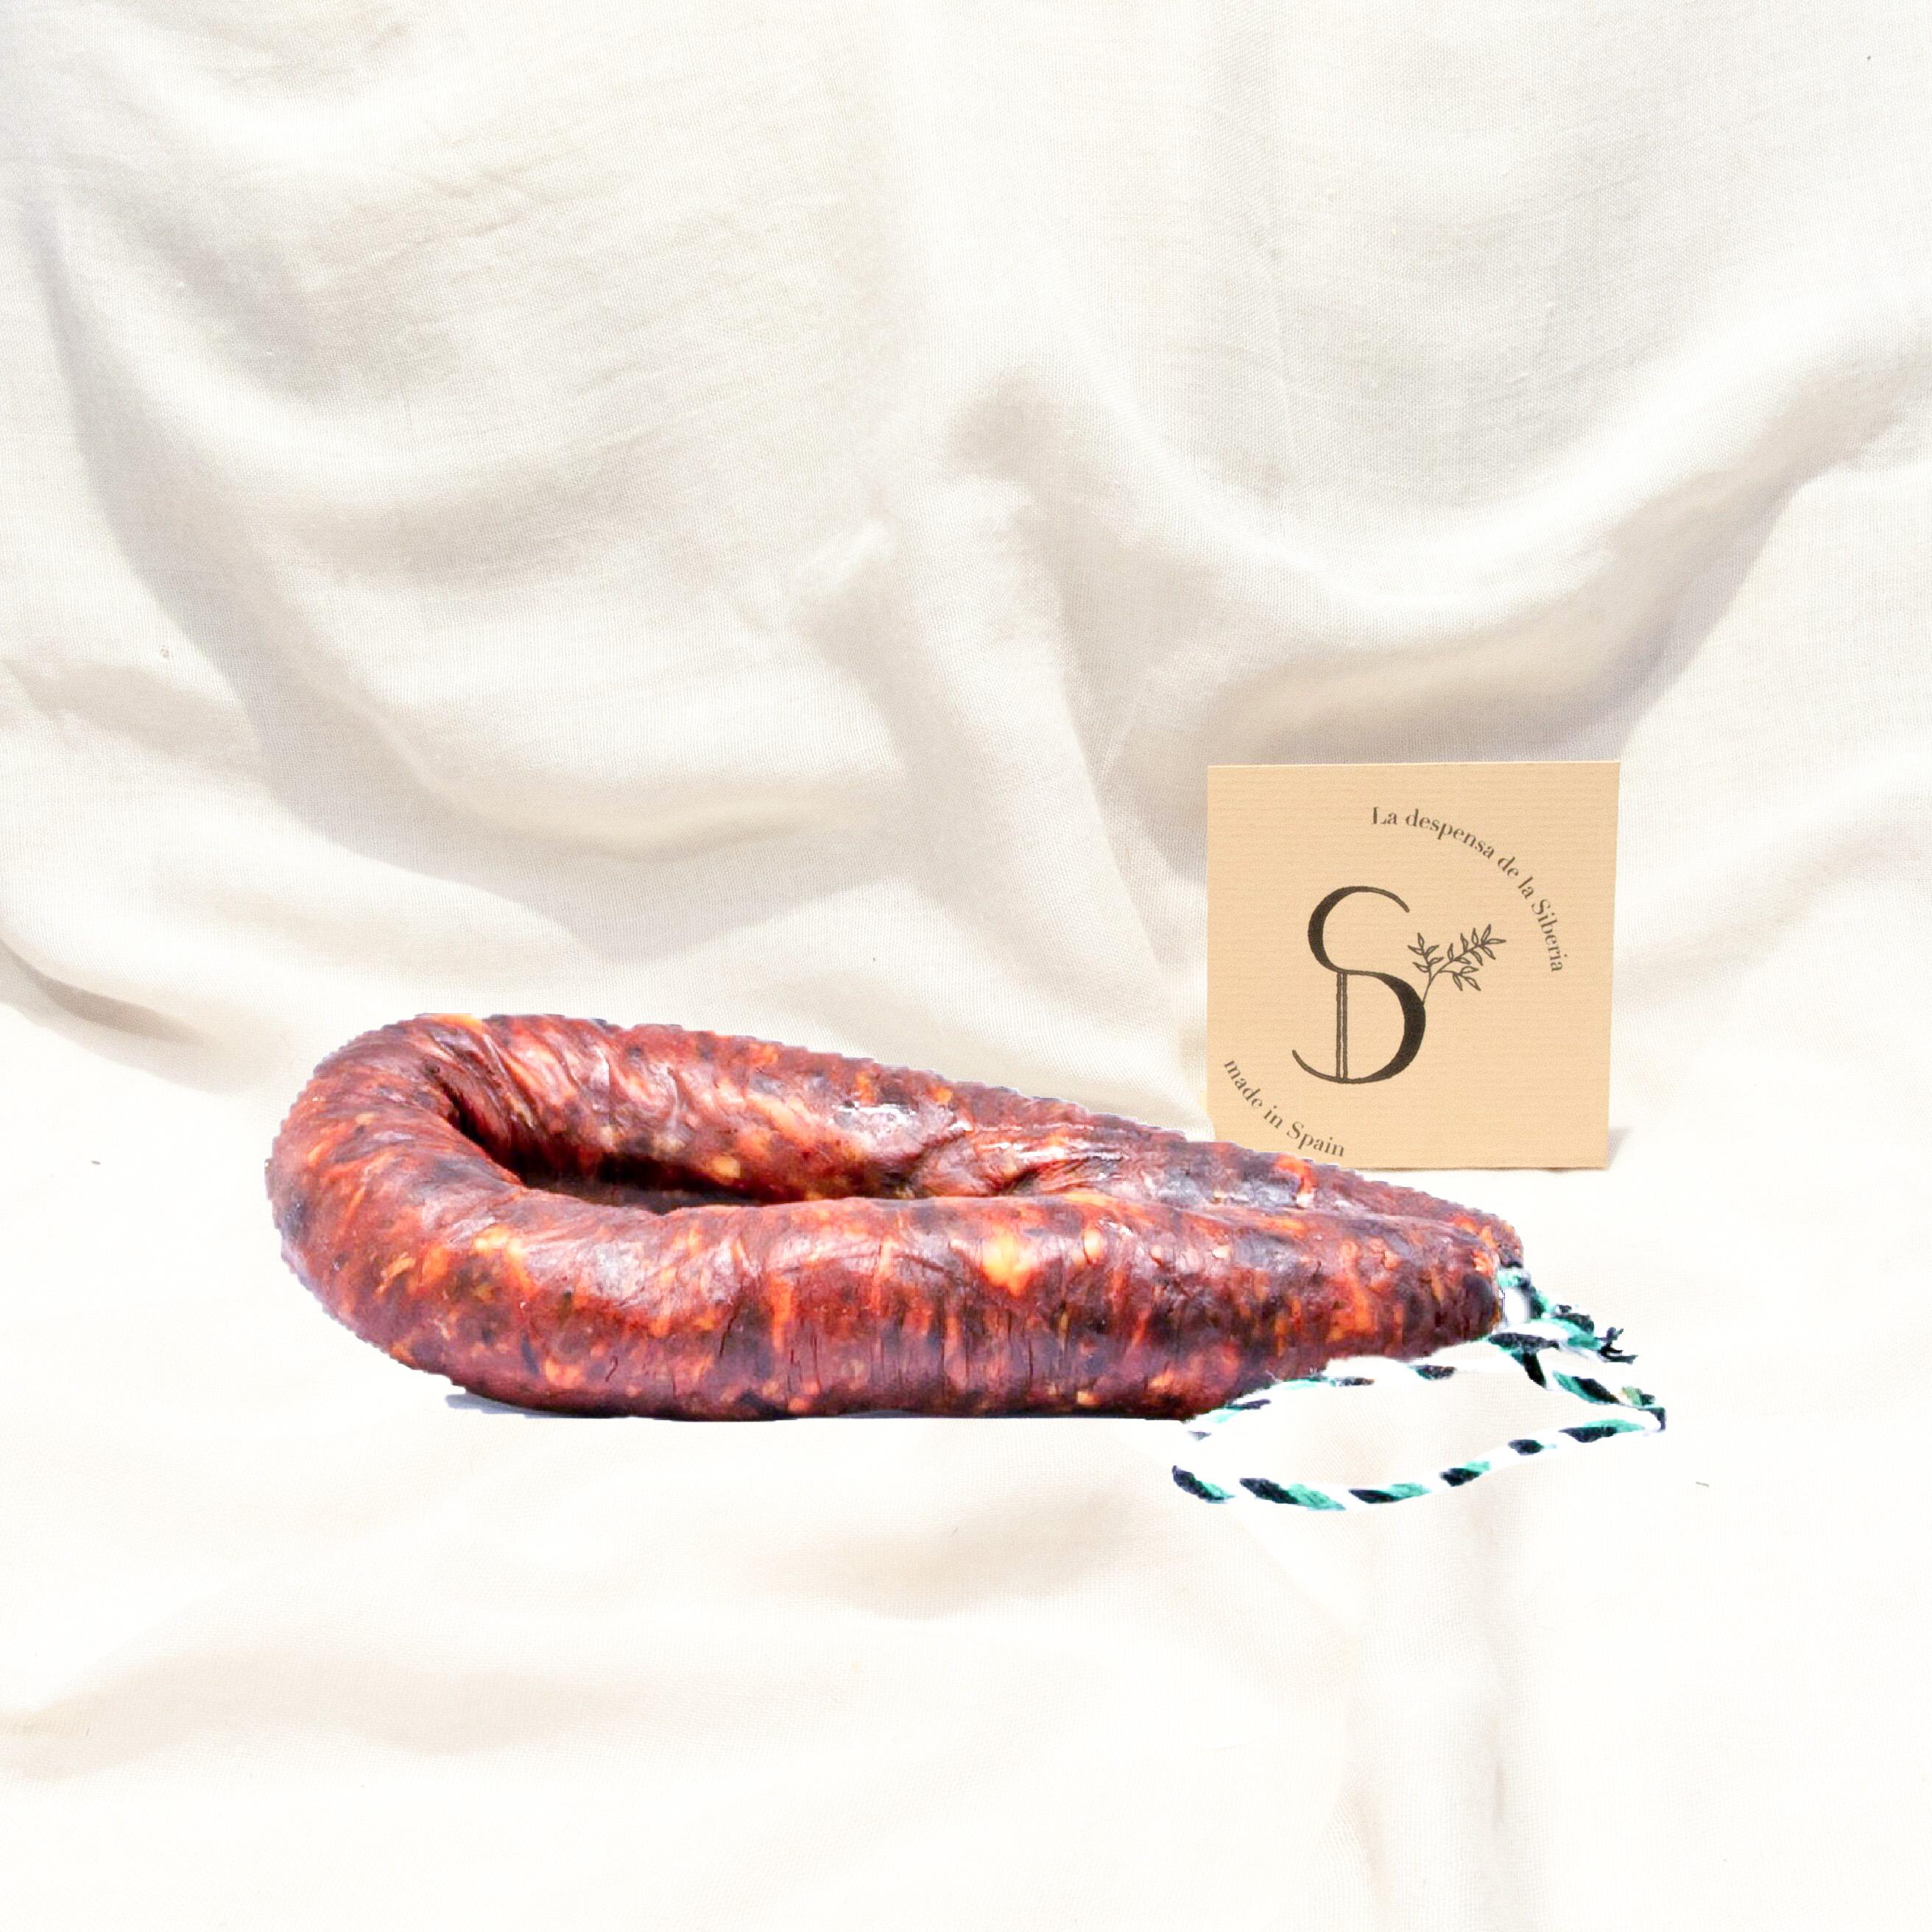 Chorizo de venado (400g) de La Despensa de La Siberia